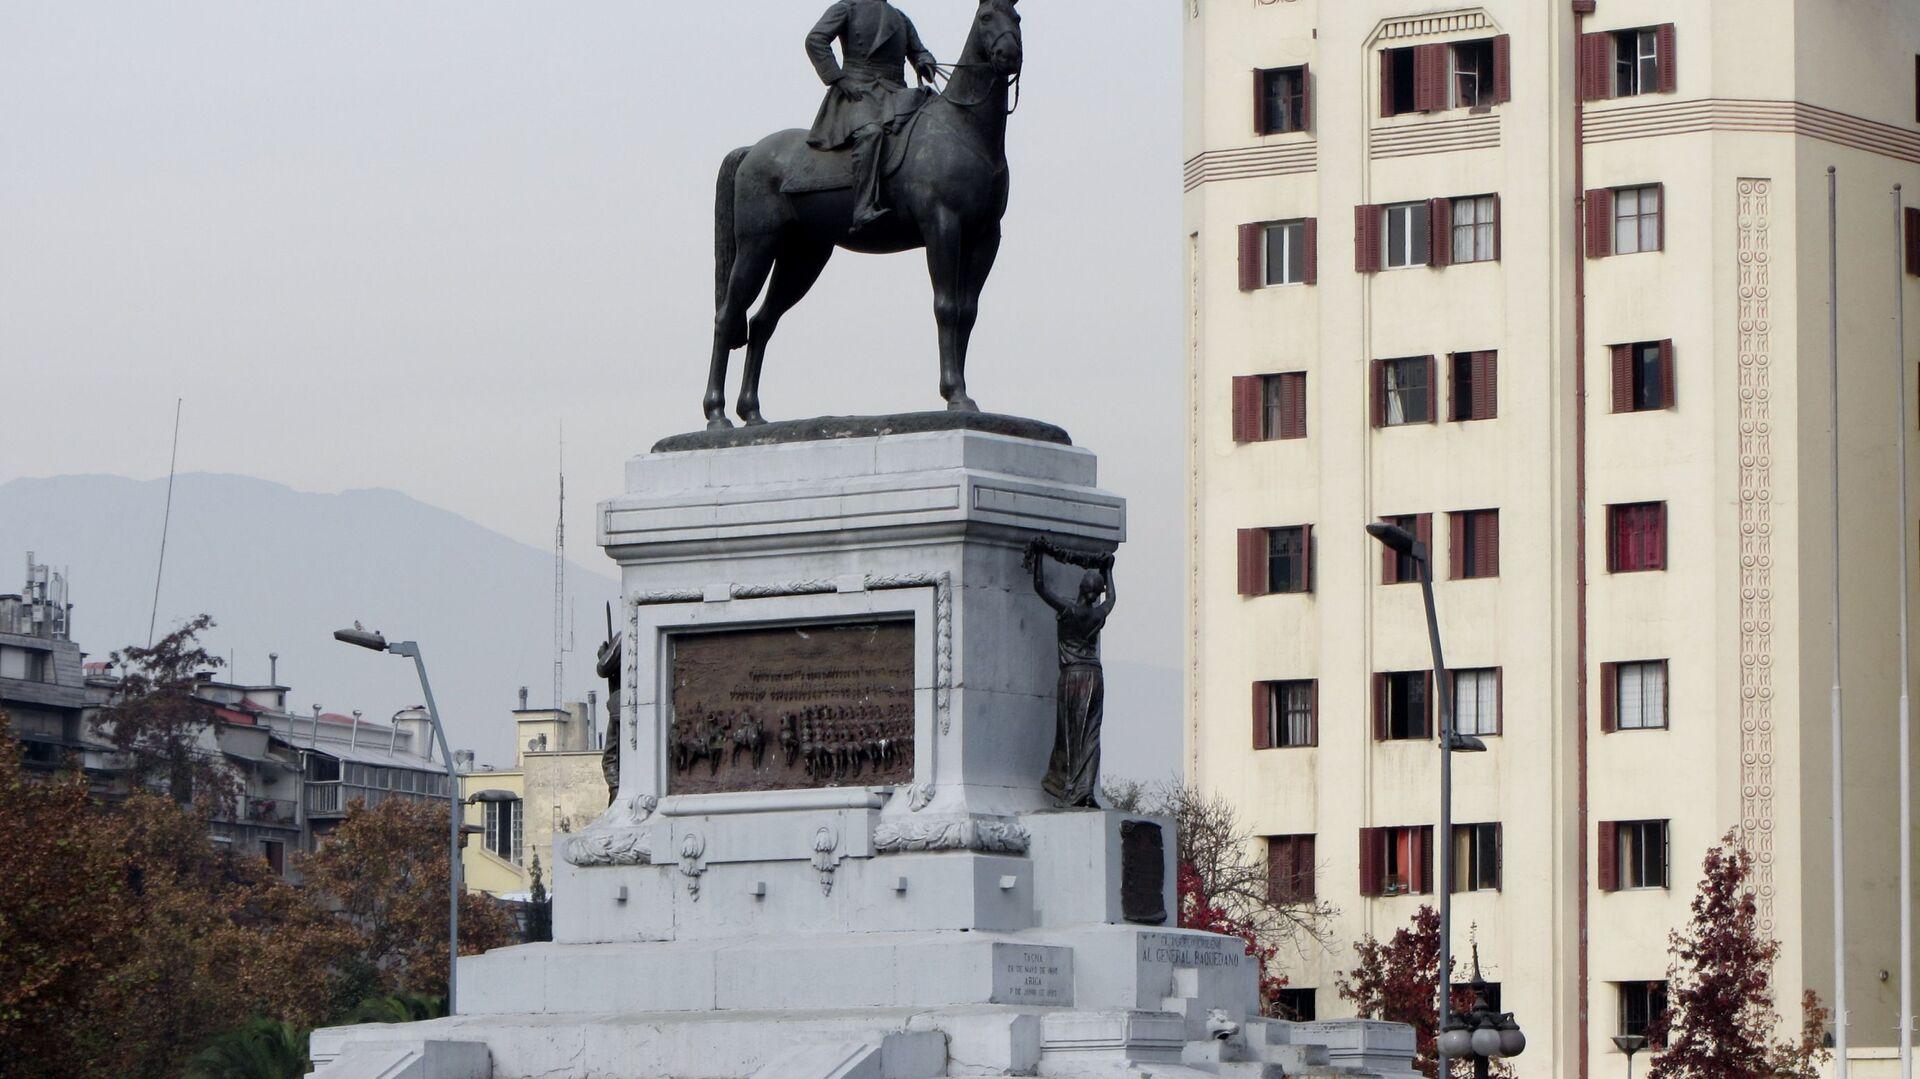 Monumento al general Manuel Baquedano, ubicado en la Plaza Italia en Santiago, Chile - Sputnik Mundo, 1920, 06.03.2021